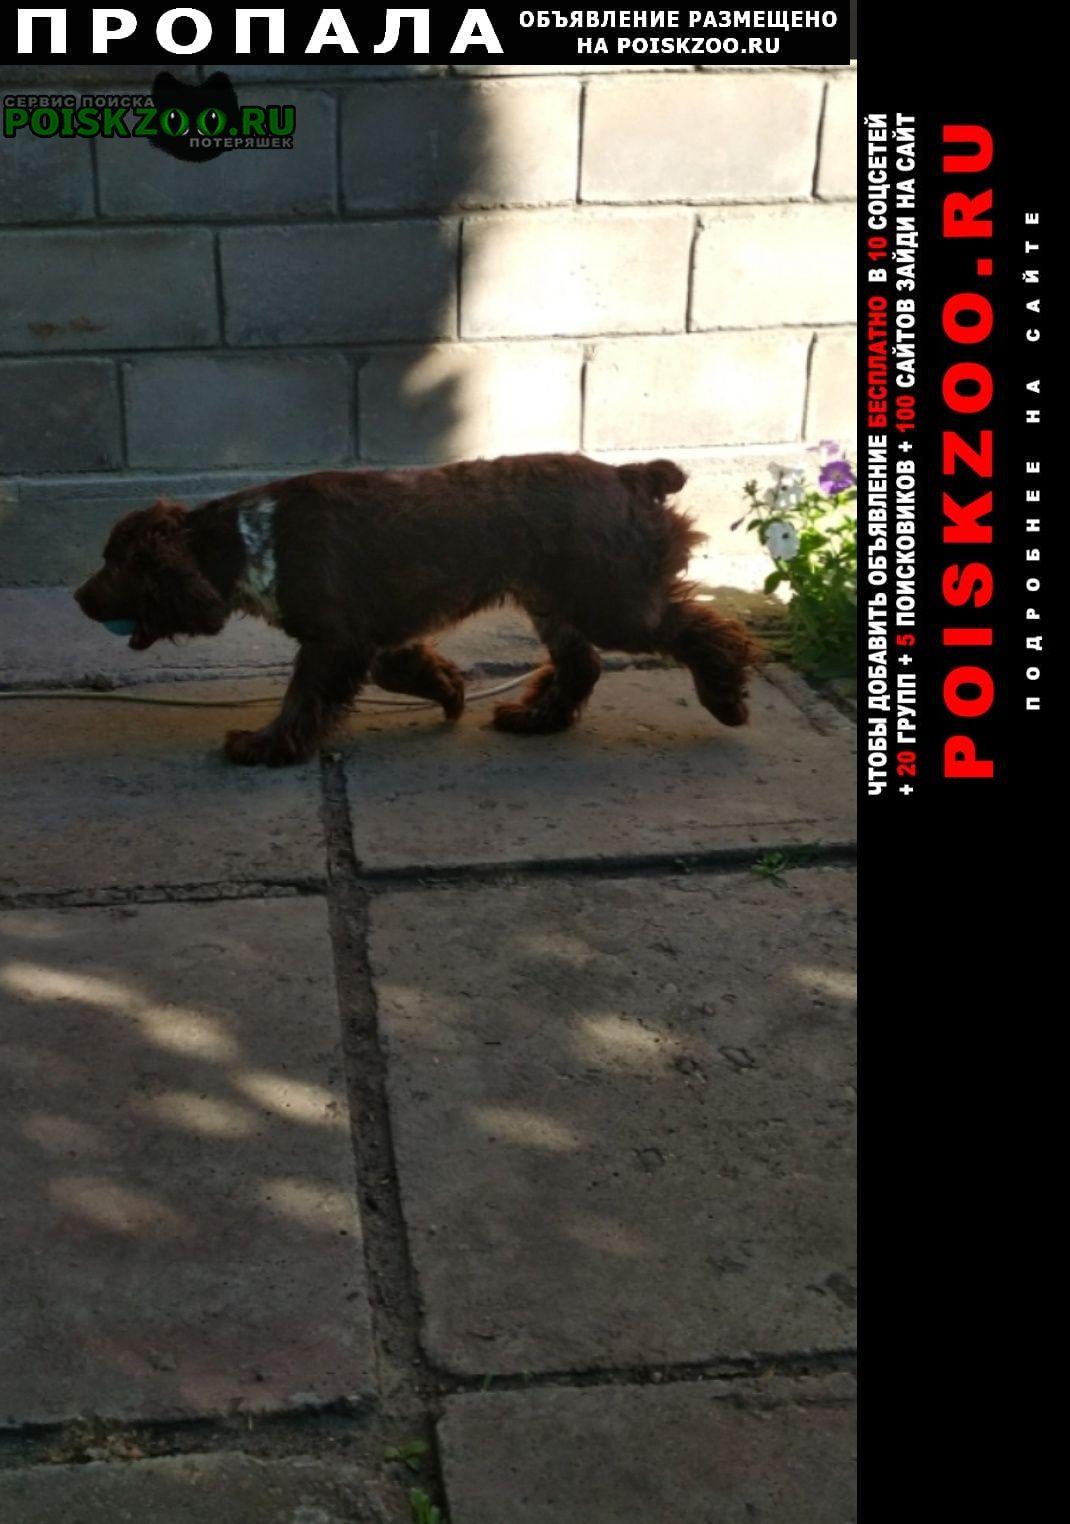 Пропала собака спаниель Пятигорск